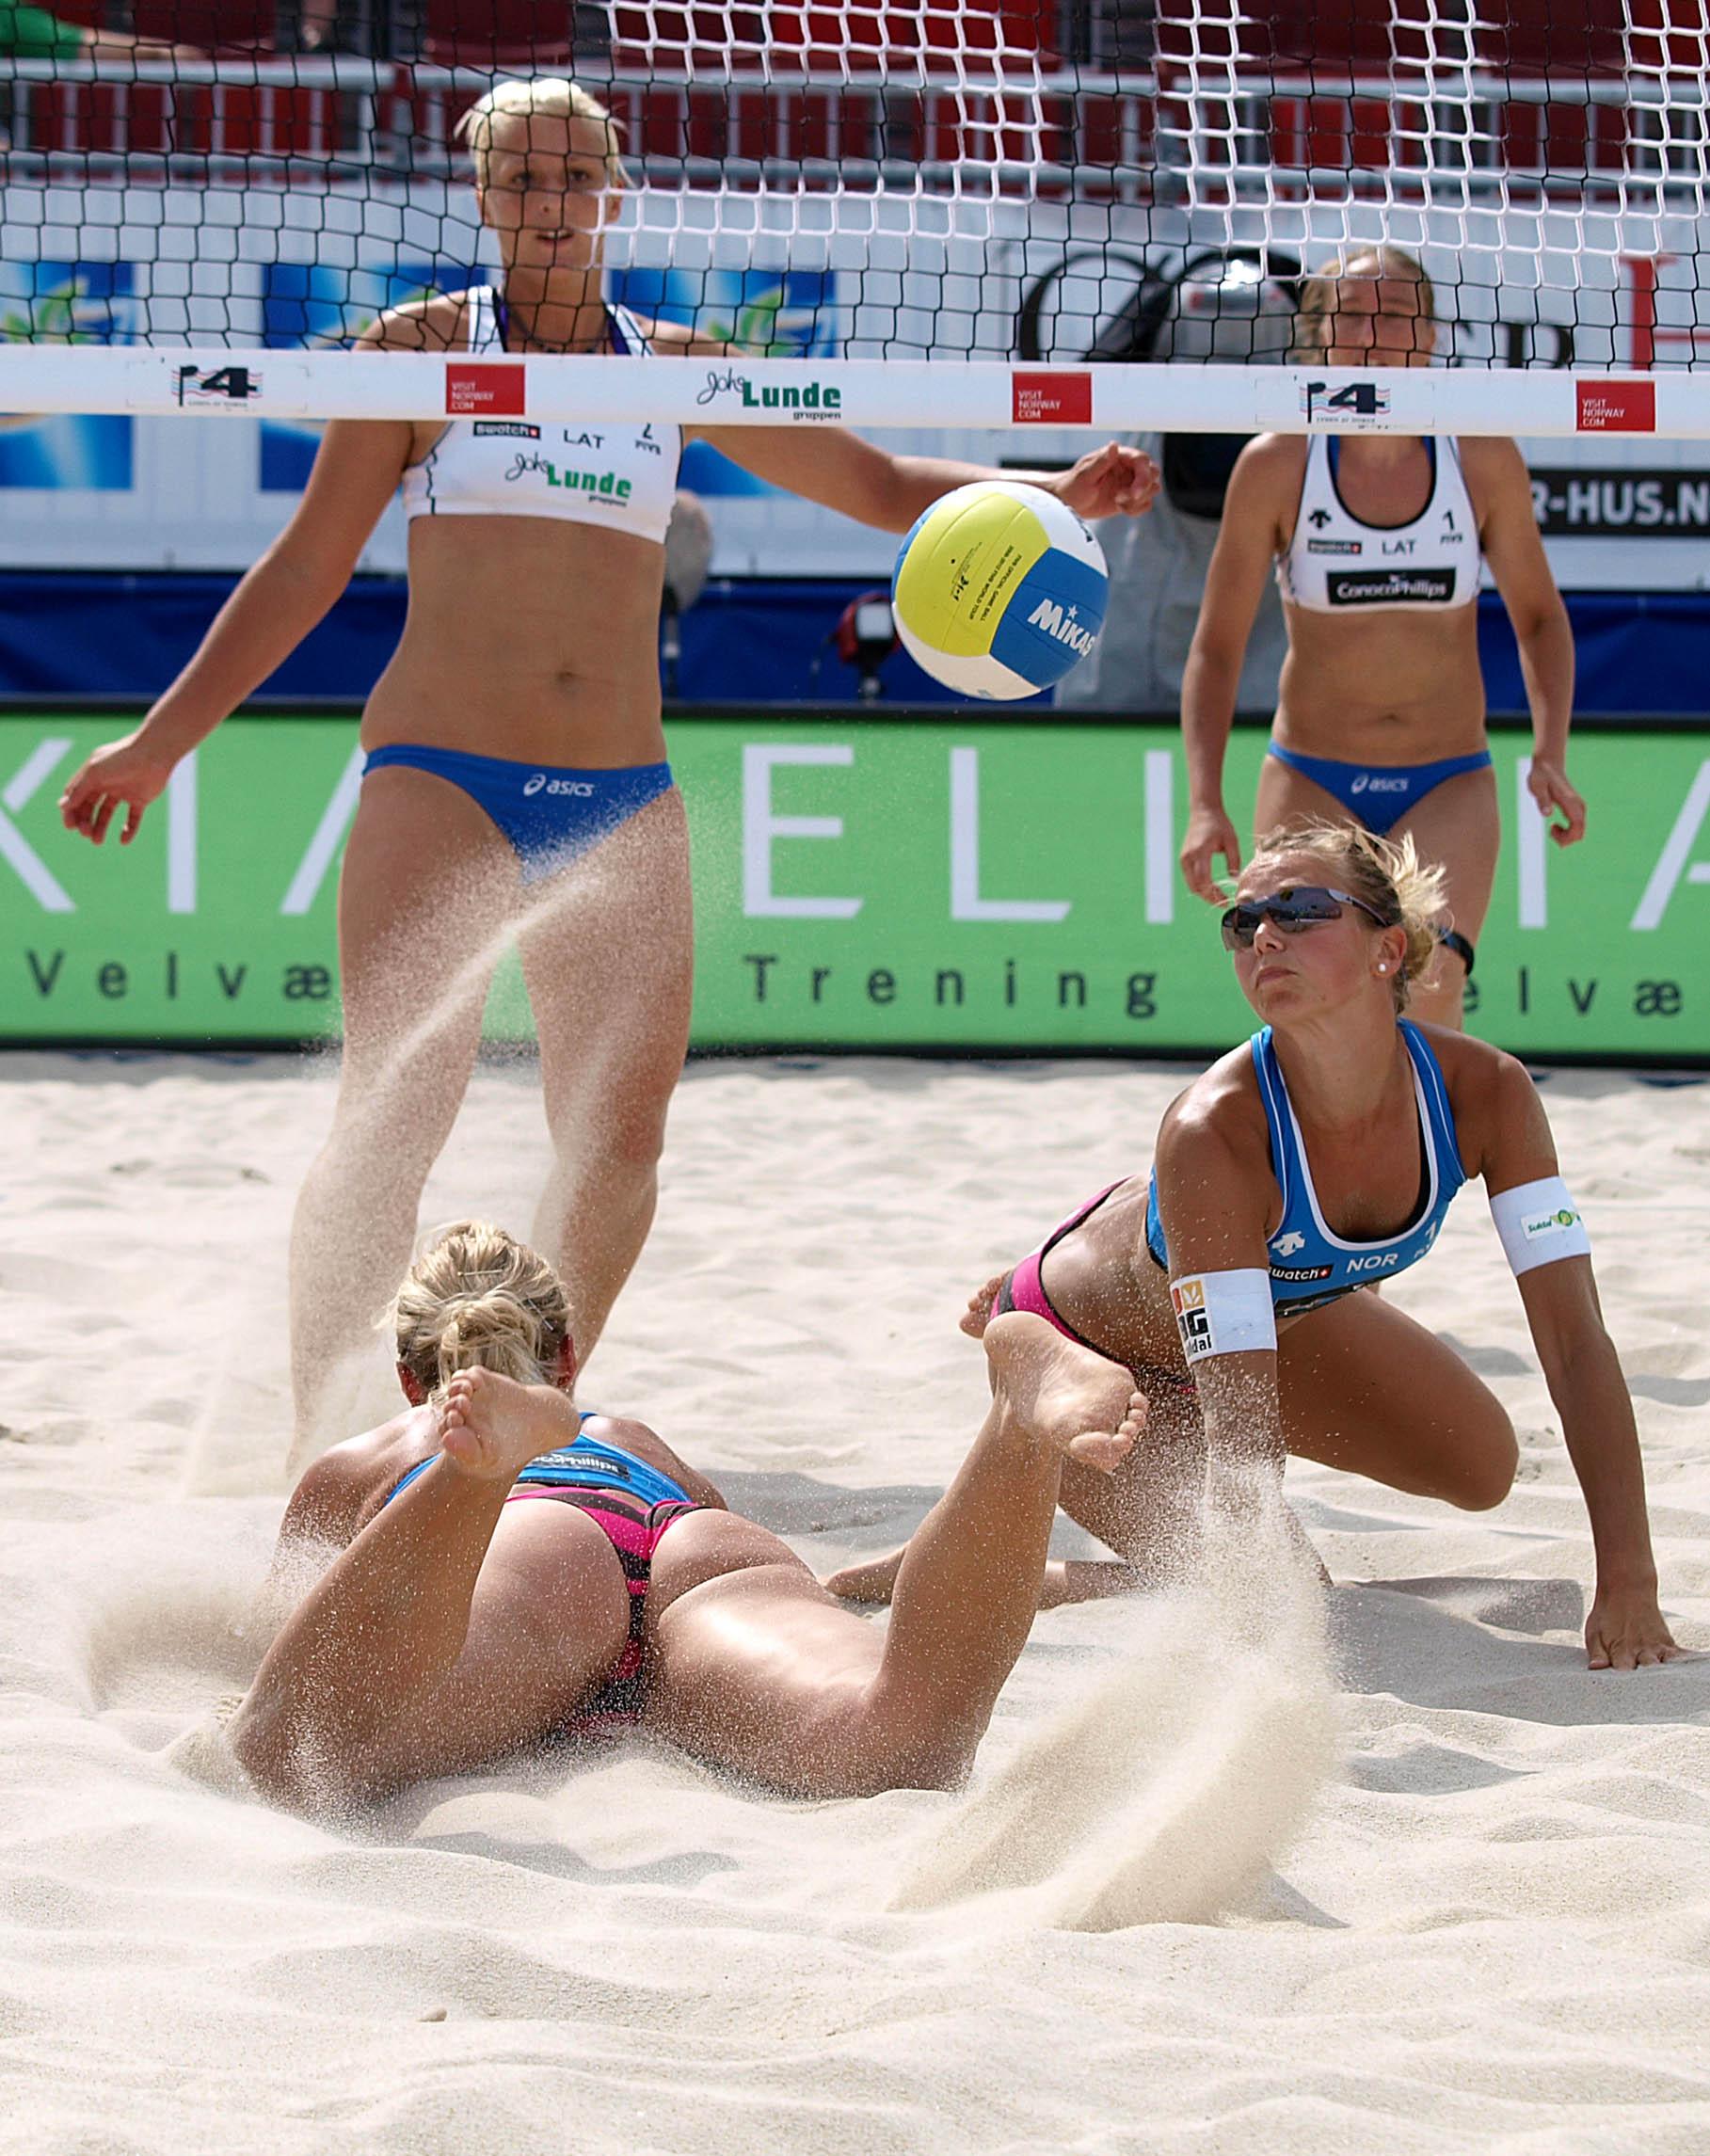 Эротические фото в женском пляжном волейболе 8 фотография